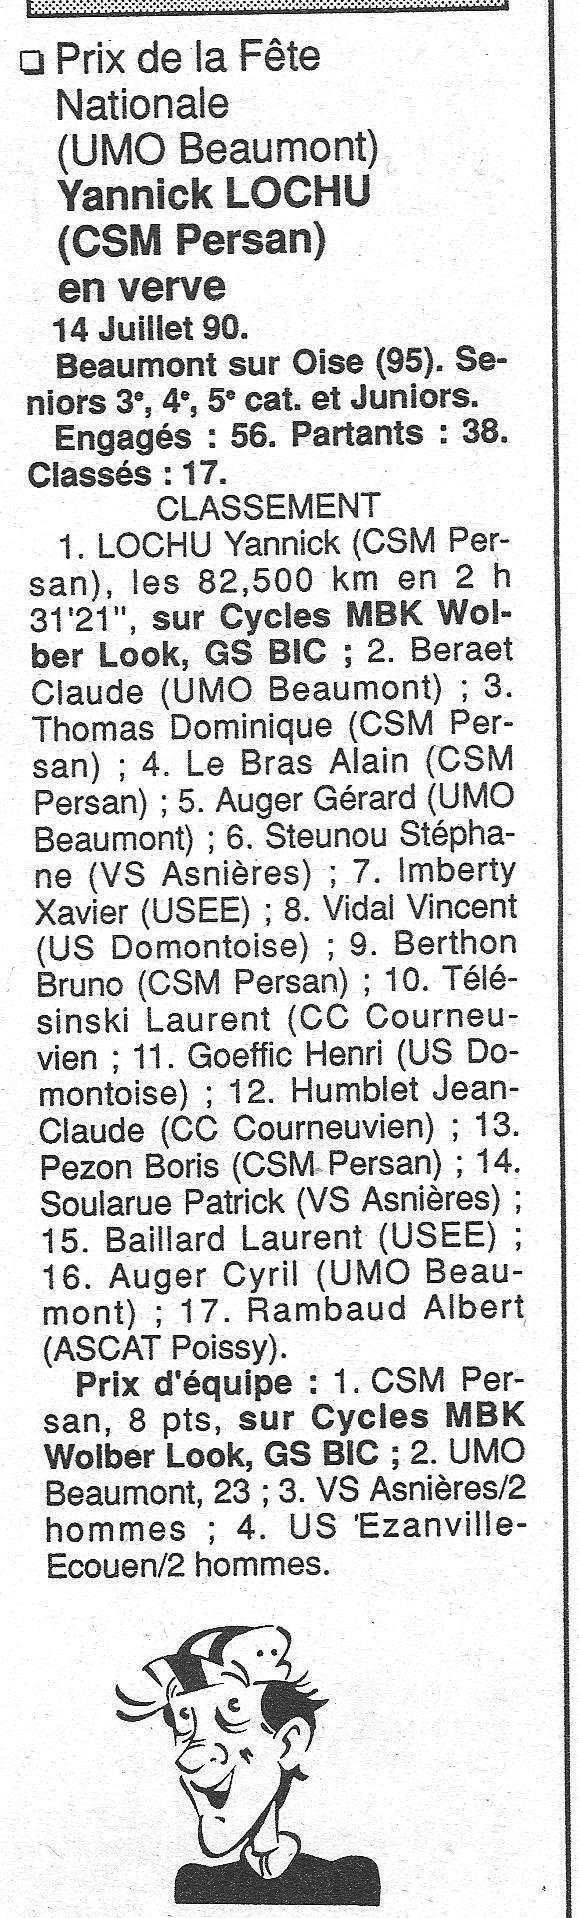 CSM.Persan. BIC. Toute une époque de janvier 1990 à novembre 2007 - Page 2 1990_145